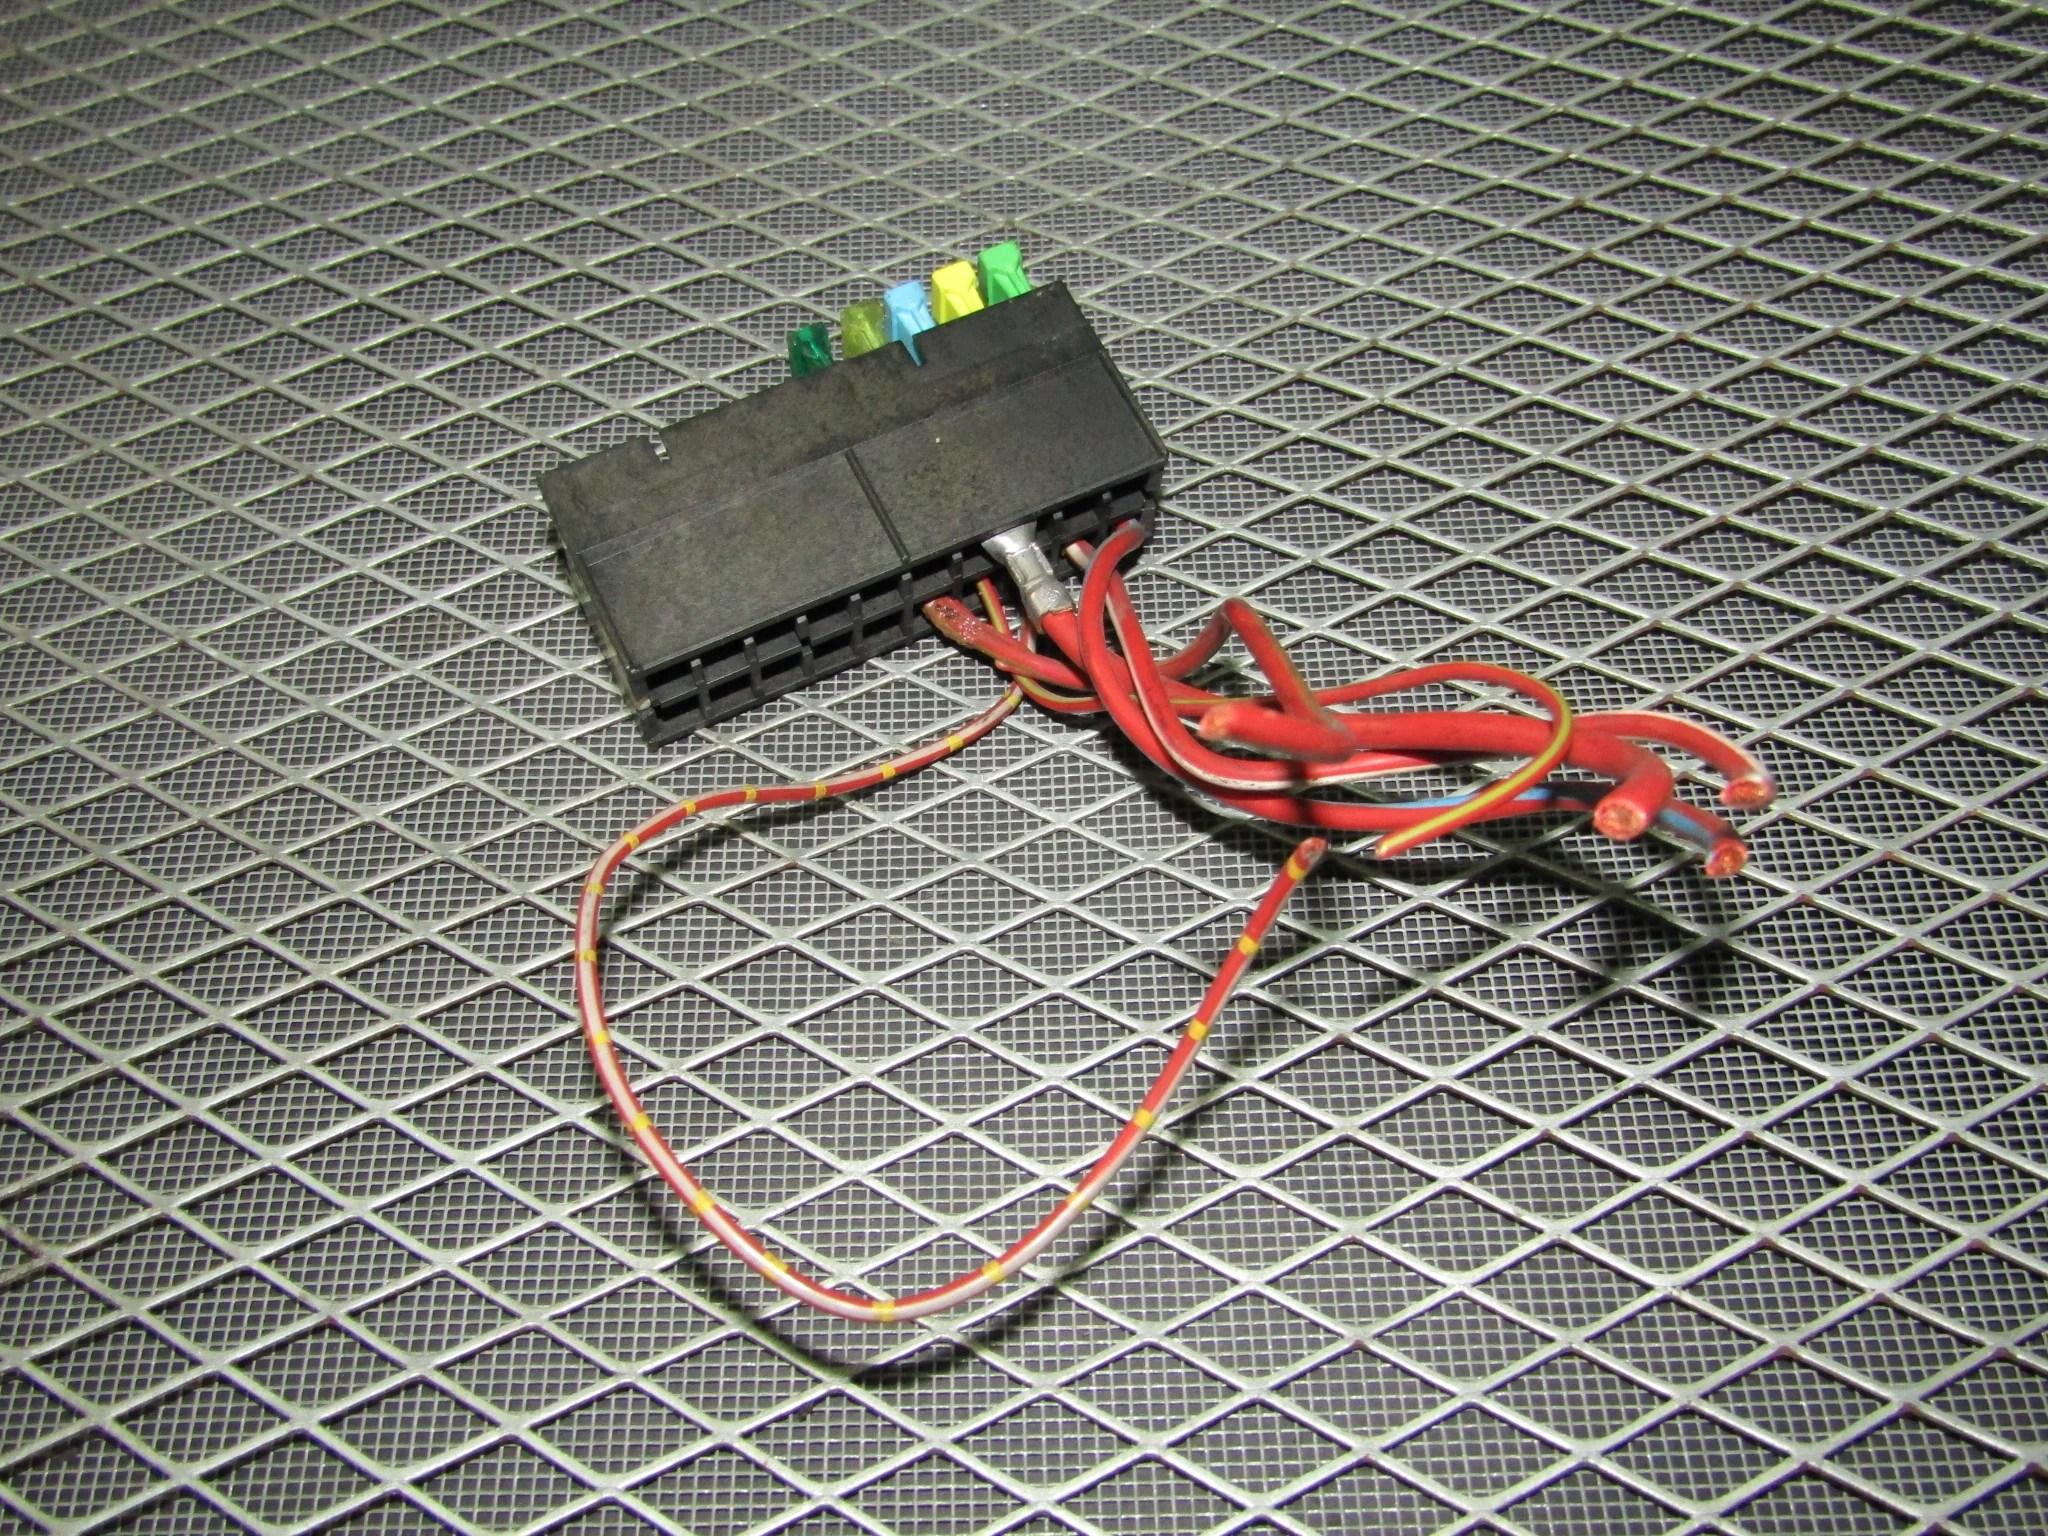 hight resolution of 92 93 94 95 bmw 325 oem engine fuse box autopartone com rh autopartone com 1994